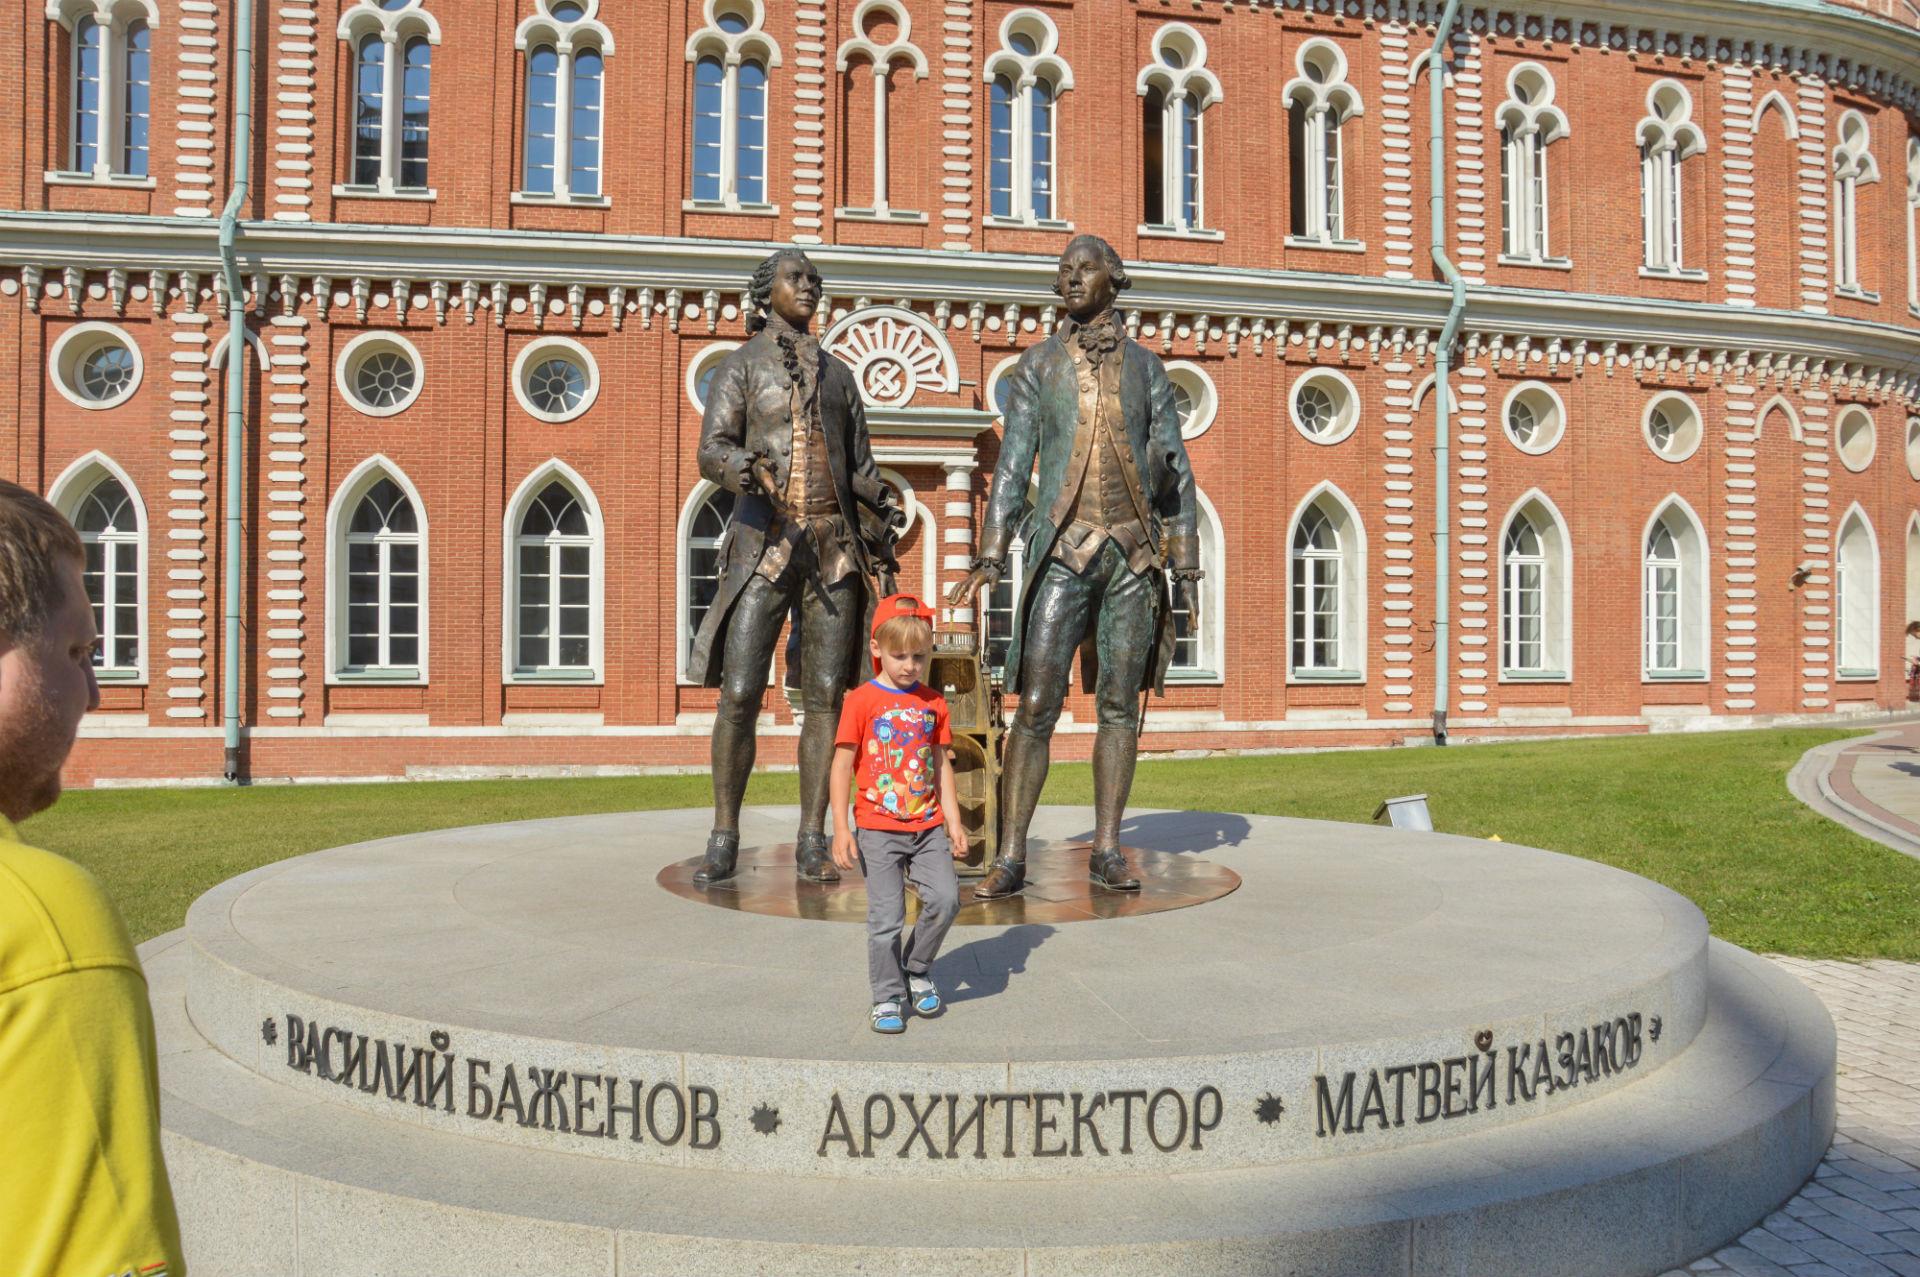 Monument to the architects Vasilii Bazhenov and Matvei Kazakov